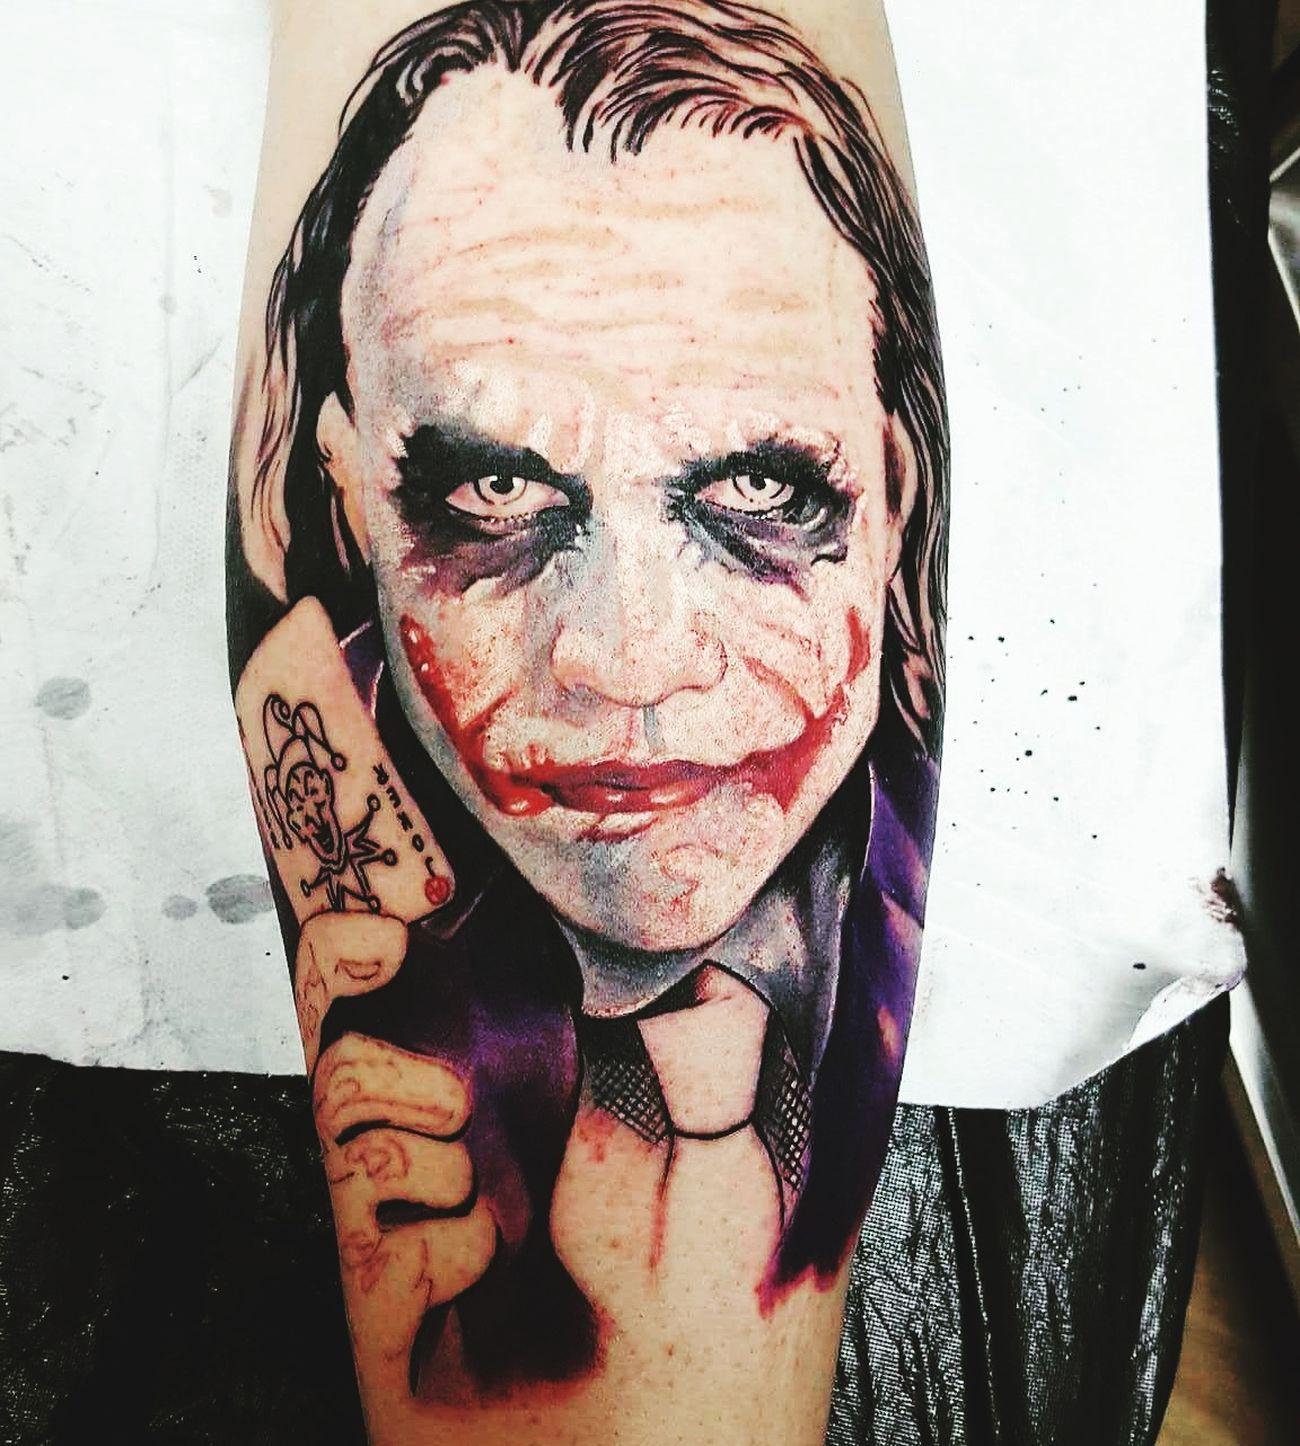 Tatto Human Body Part Thejoker Portrait Batman Joker ❤️  Heathledger Love ♥ Tattoos Tattoo Life Darkknight